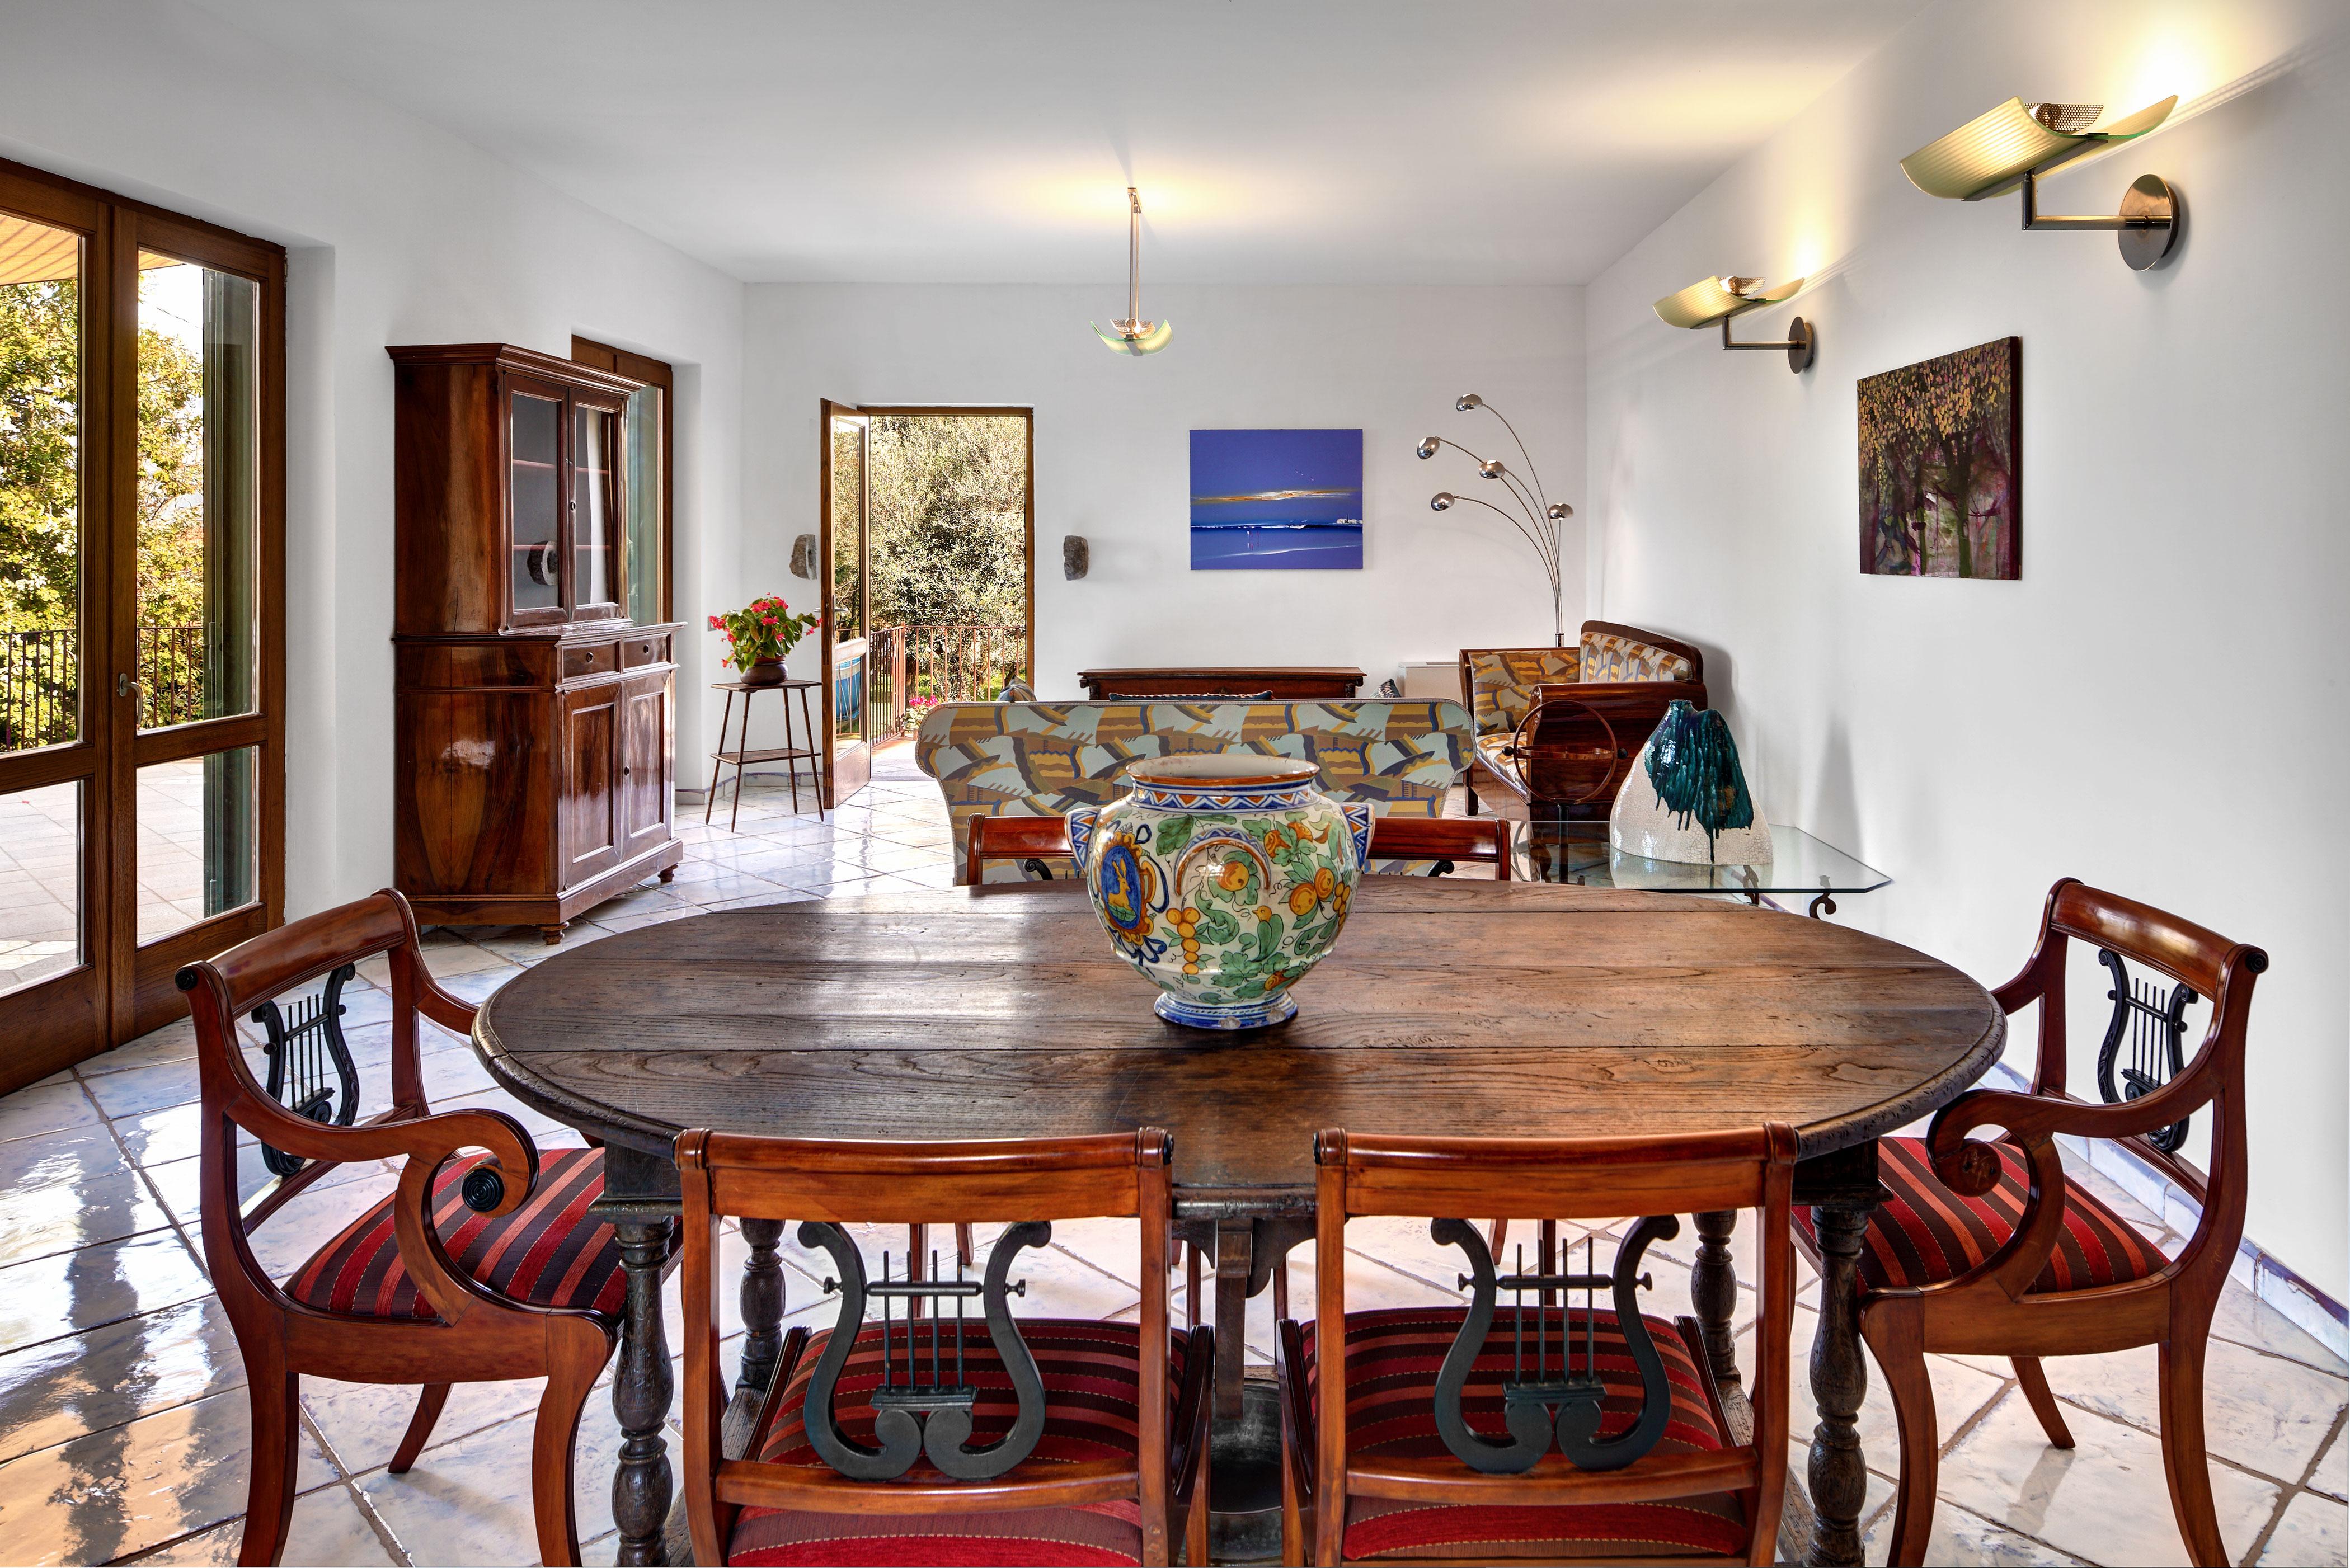 Apartment Villa Vesuvio - Luxury and Beauty photo 25033412